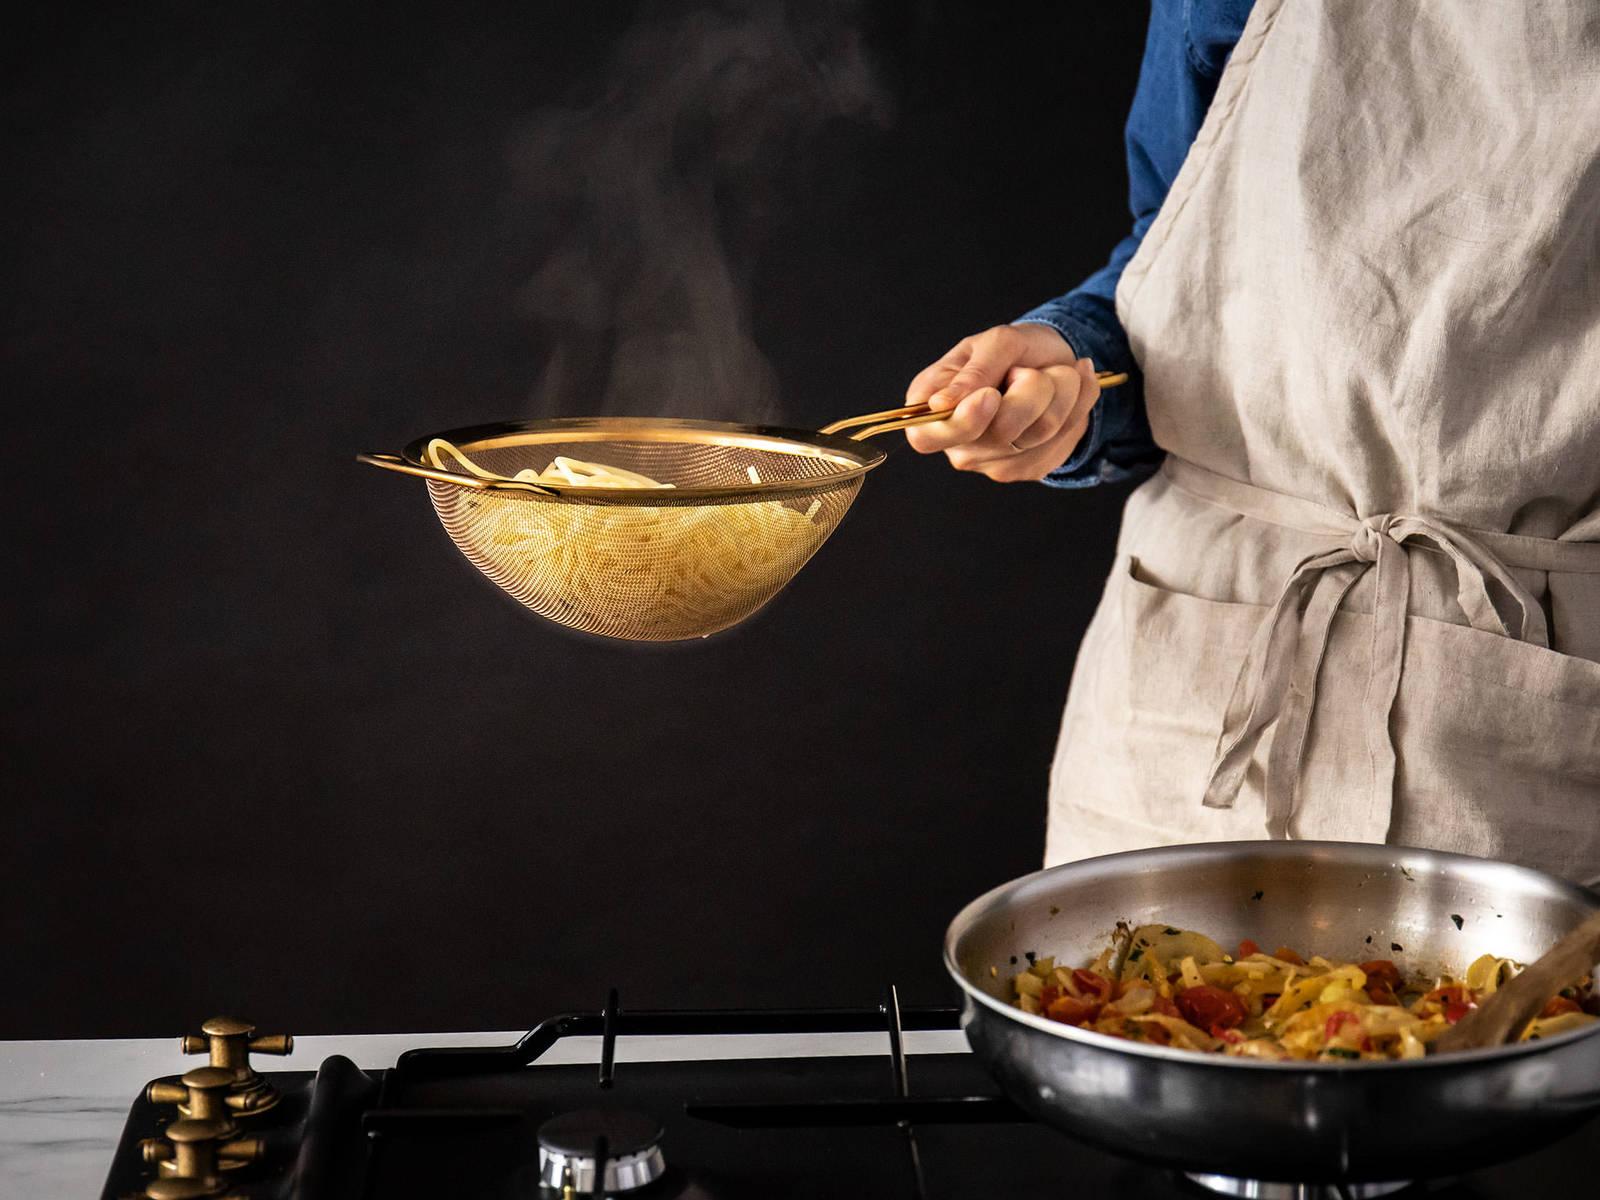 将一锅水煮沸。撒大量的盐,煮长意面直至有弹牙嚼劲。沥干意面,留用一些煮意面的水,再将意面放入炒茴香的平底锅中。充分混合,倒入一些煮意面的水,制作清爽酱汁。饰以留用的薄荷。尽情享用吧!